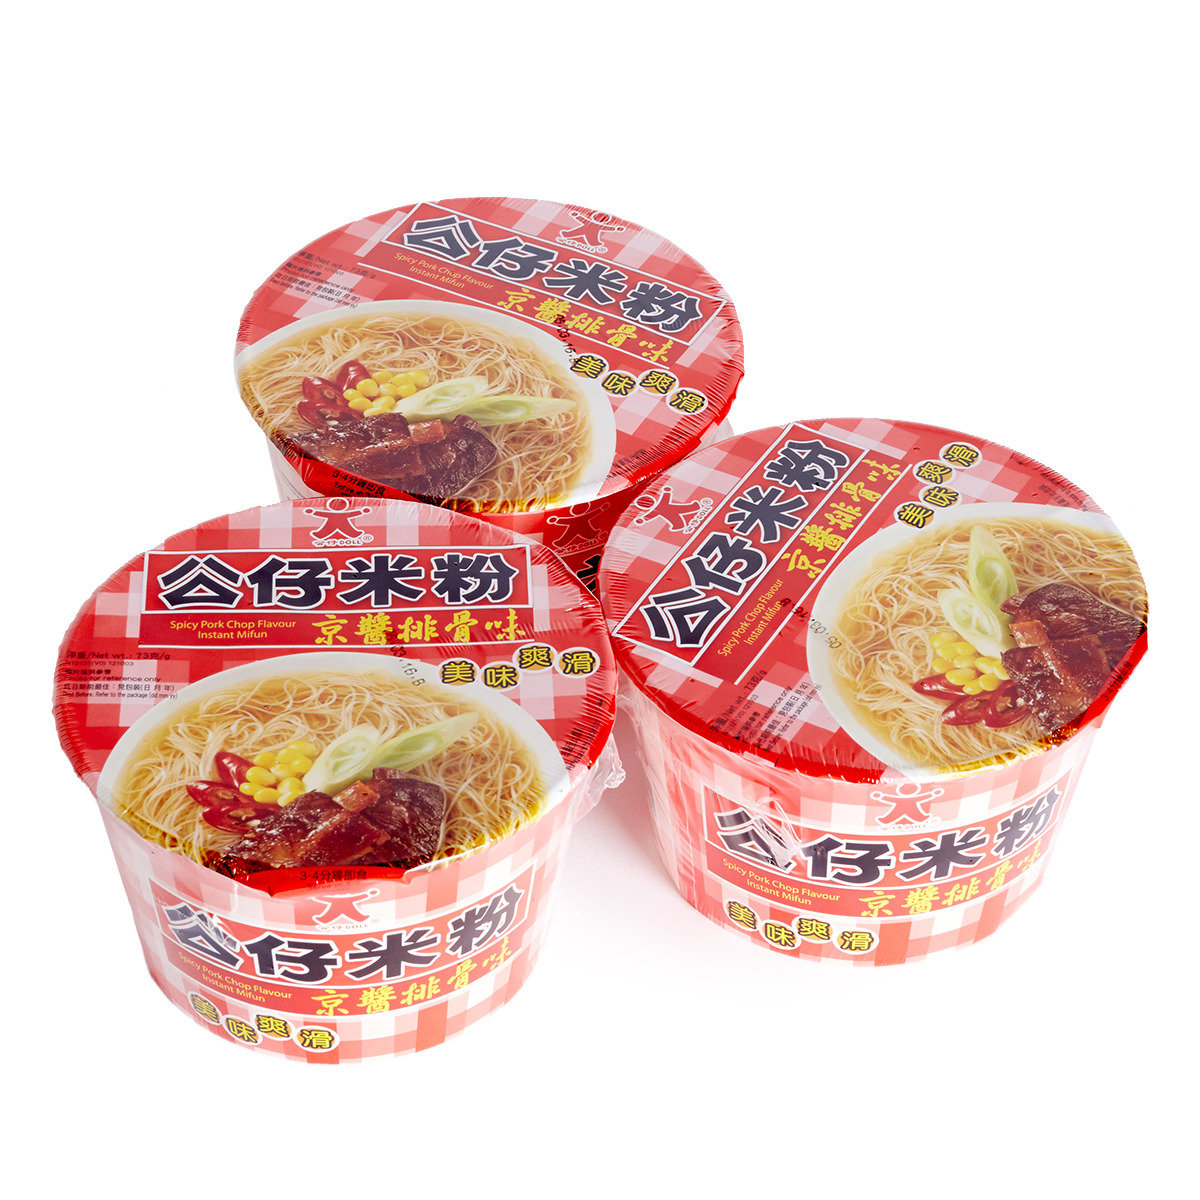 京醬排骨味公仔碗米粉